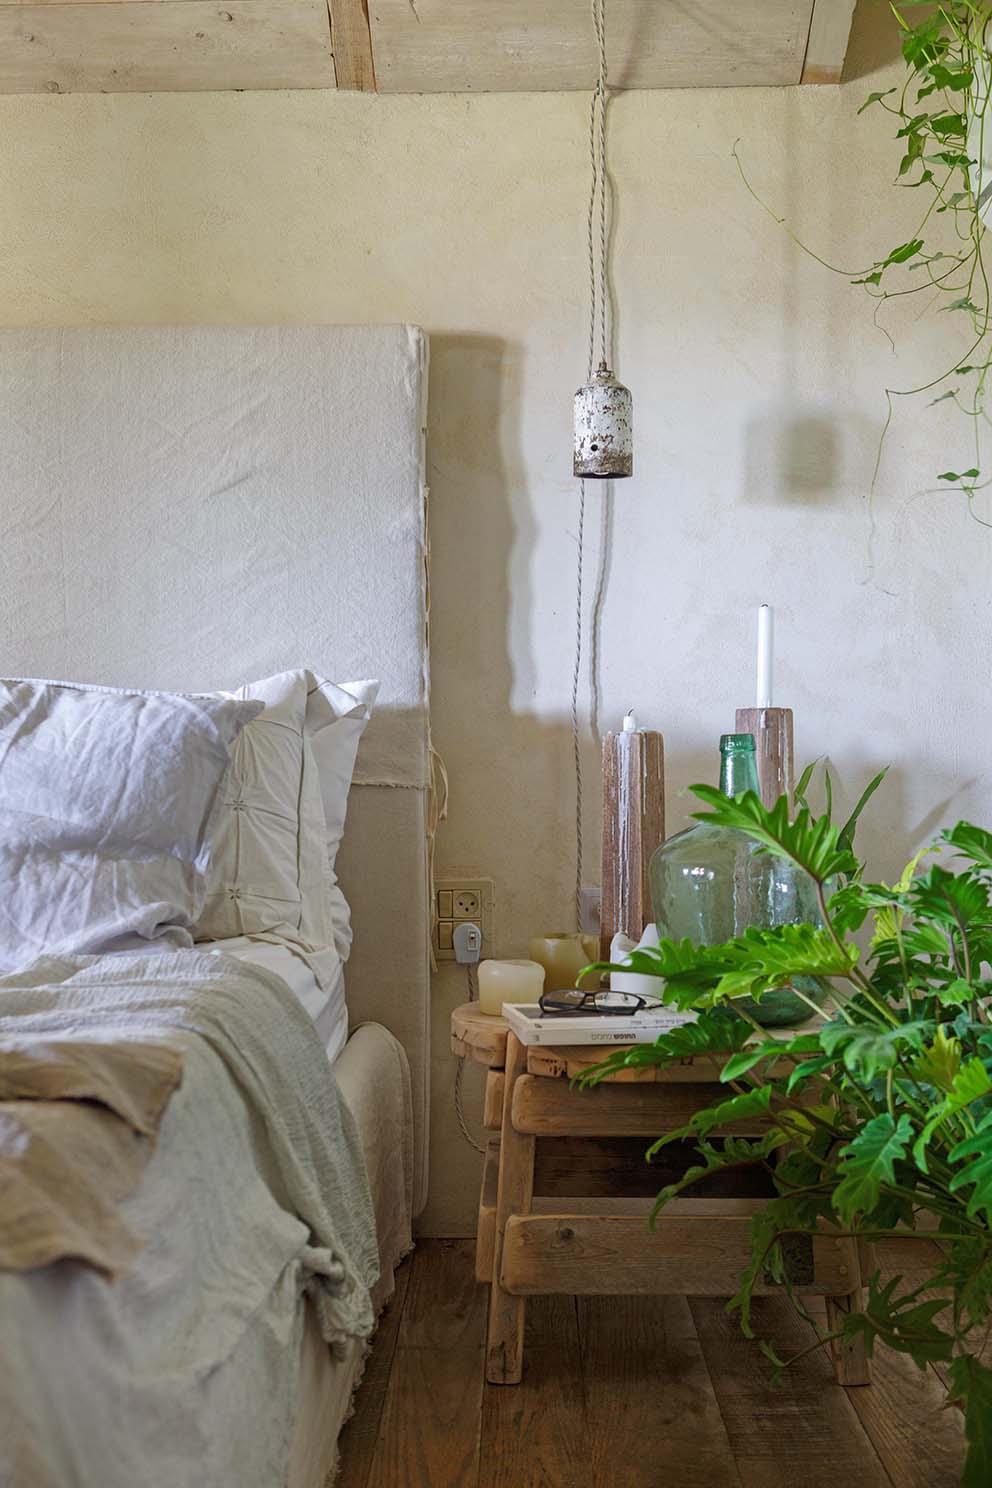 ביקור אצל נעה בר-לב דוידור, צילום: אורית ארנון, www.pnim.co.il